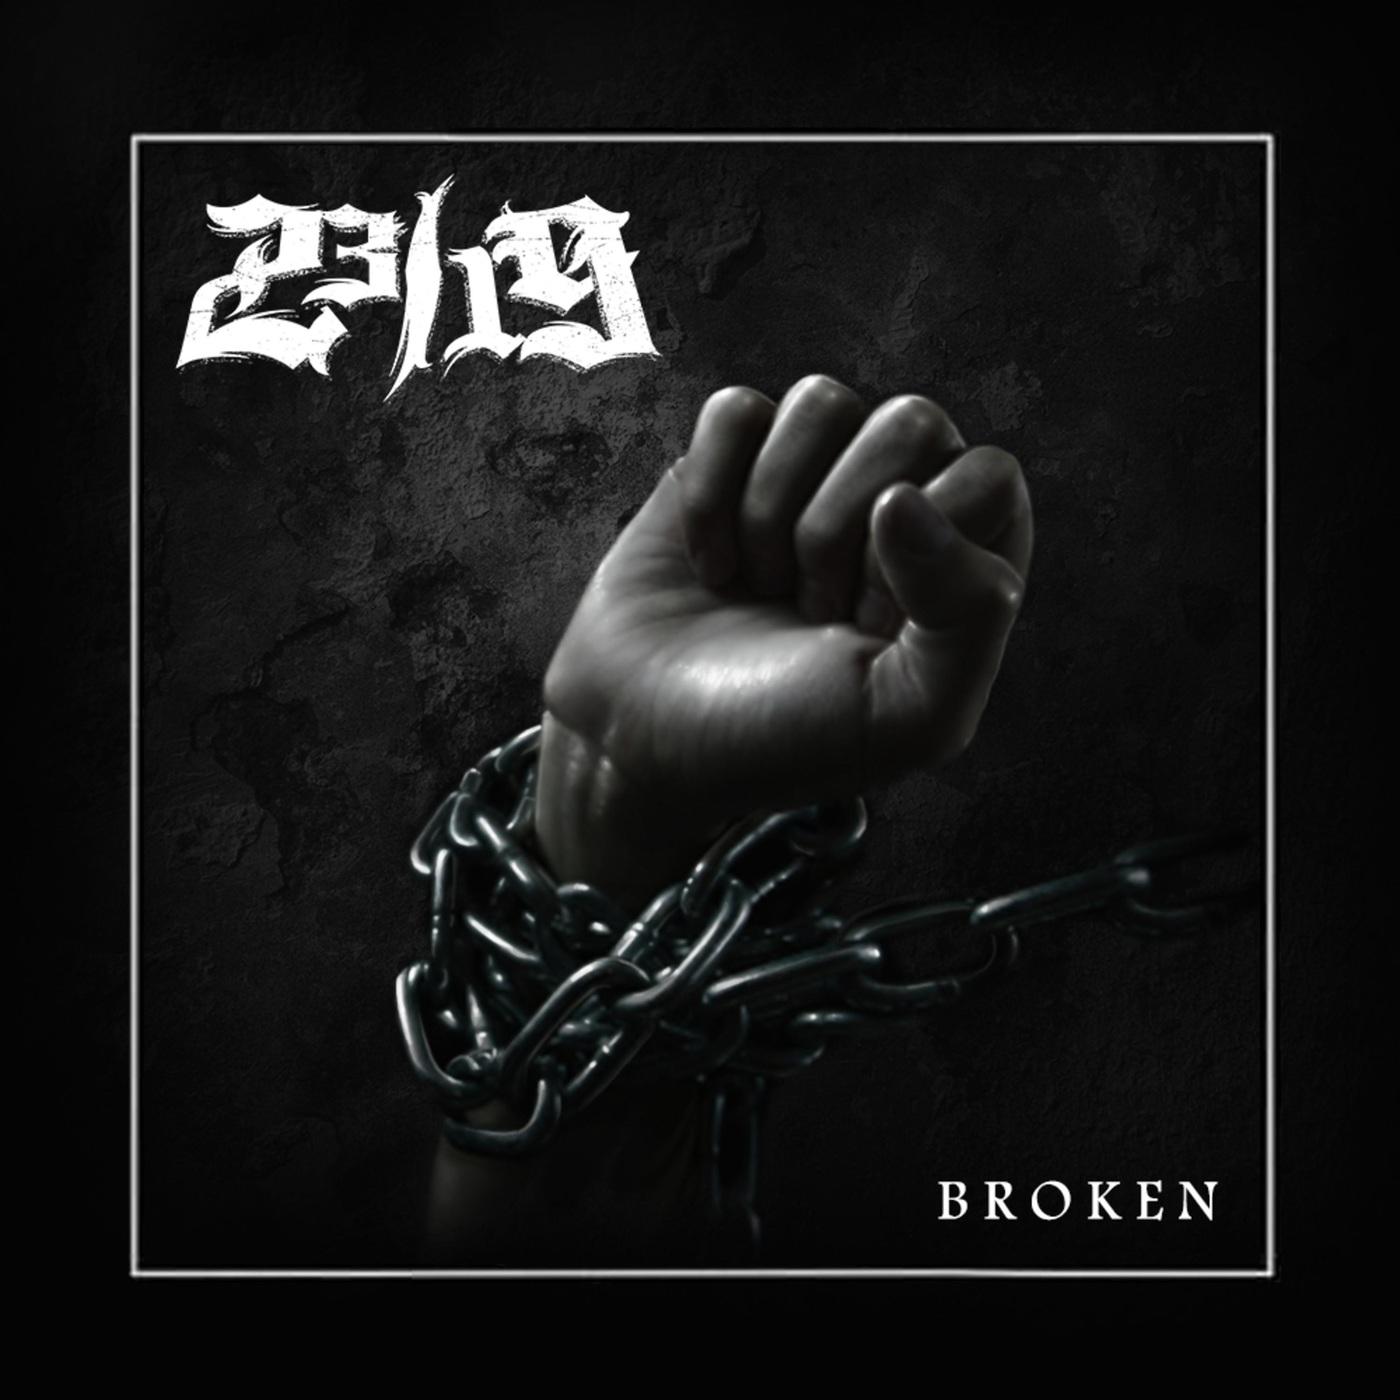 23/19 - Broken [EP] (2018)